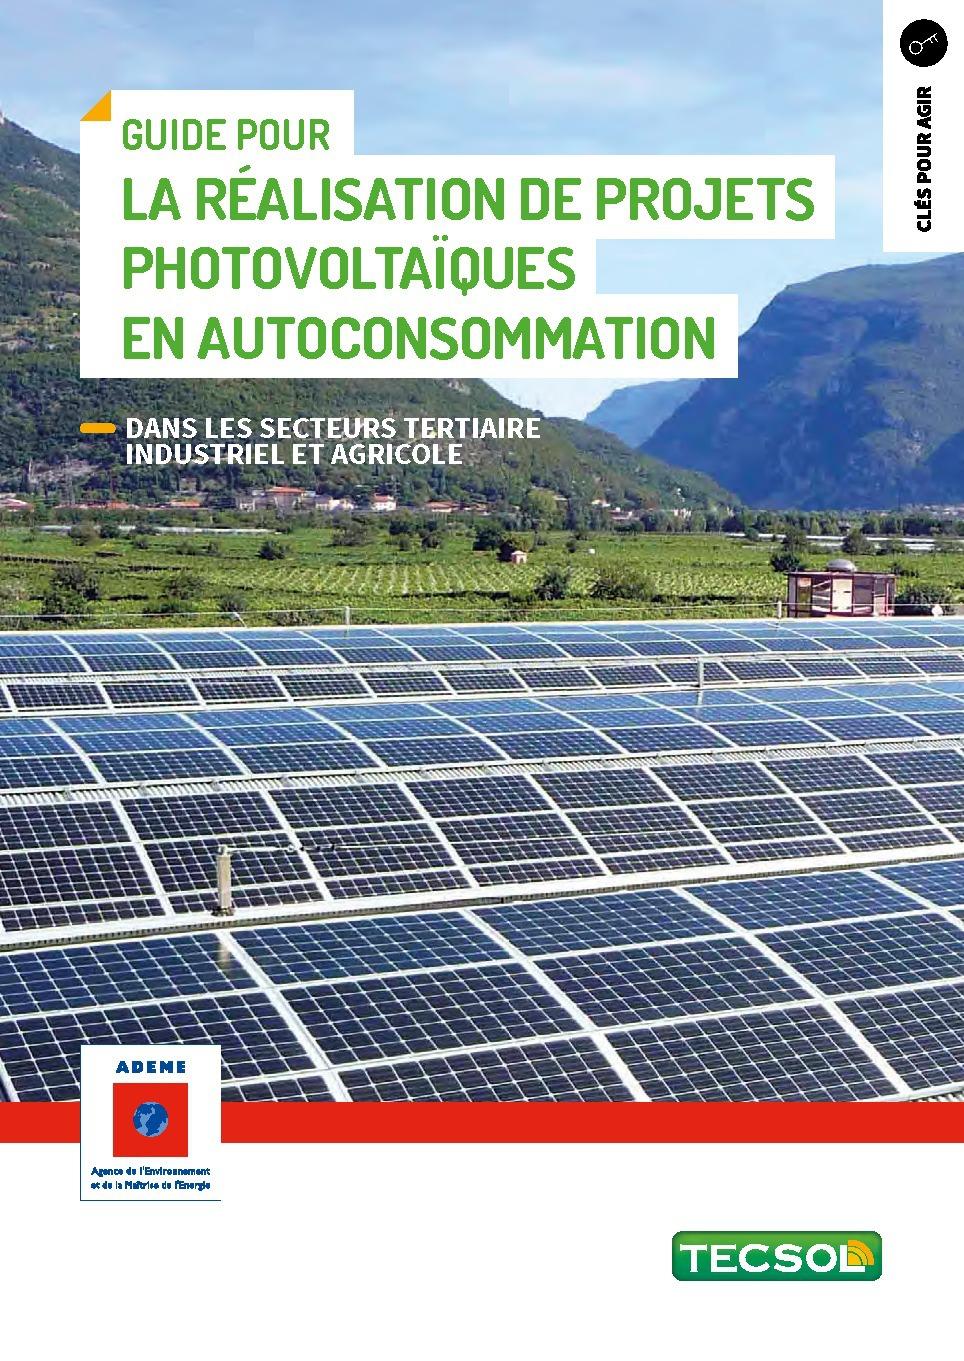 Guide pour la realisation de projets photovoltaiques en autoconsommation